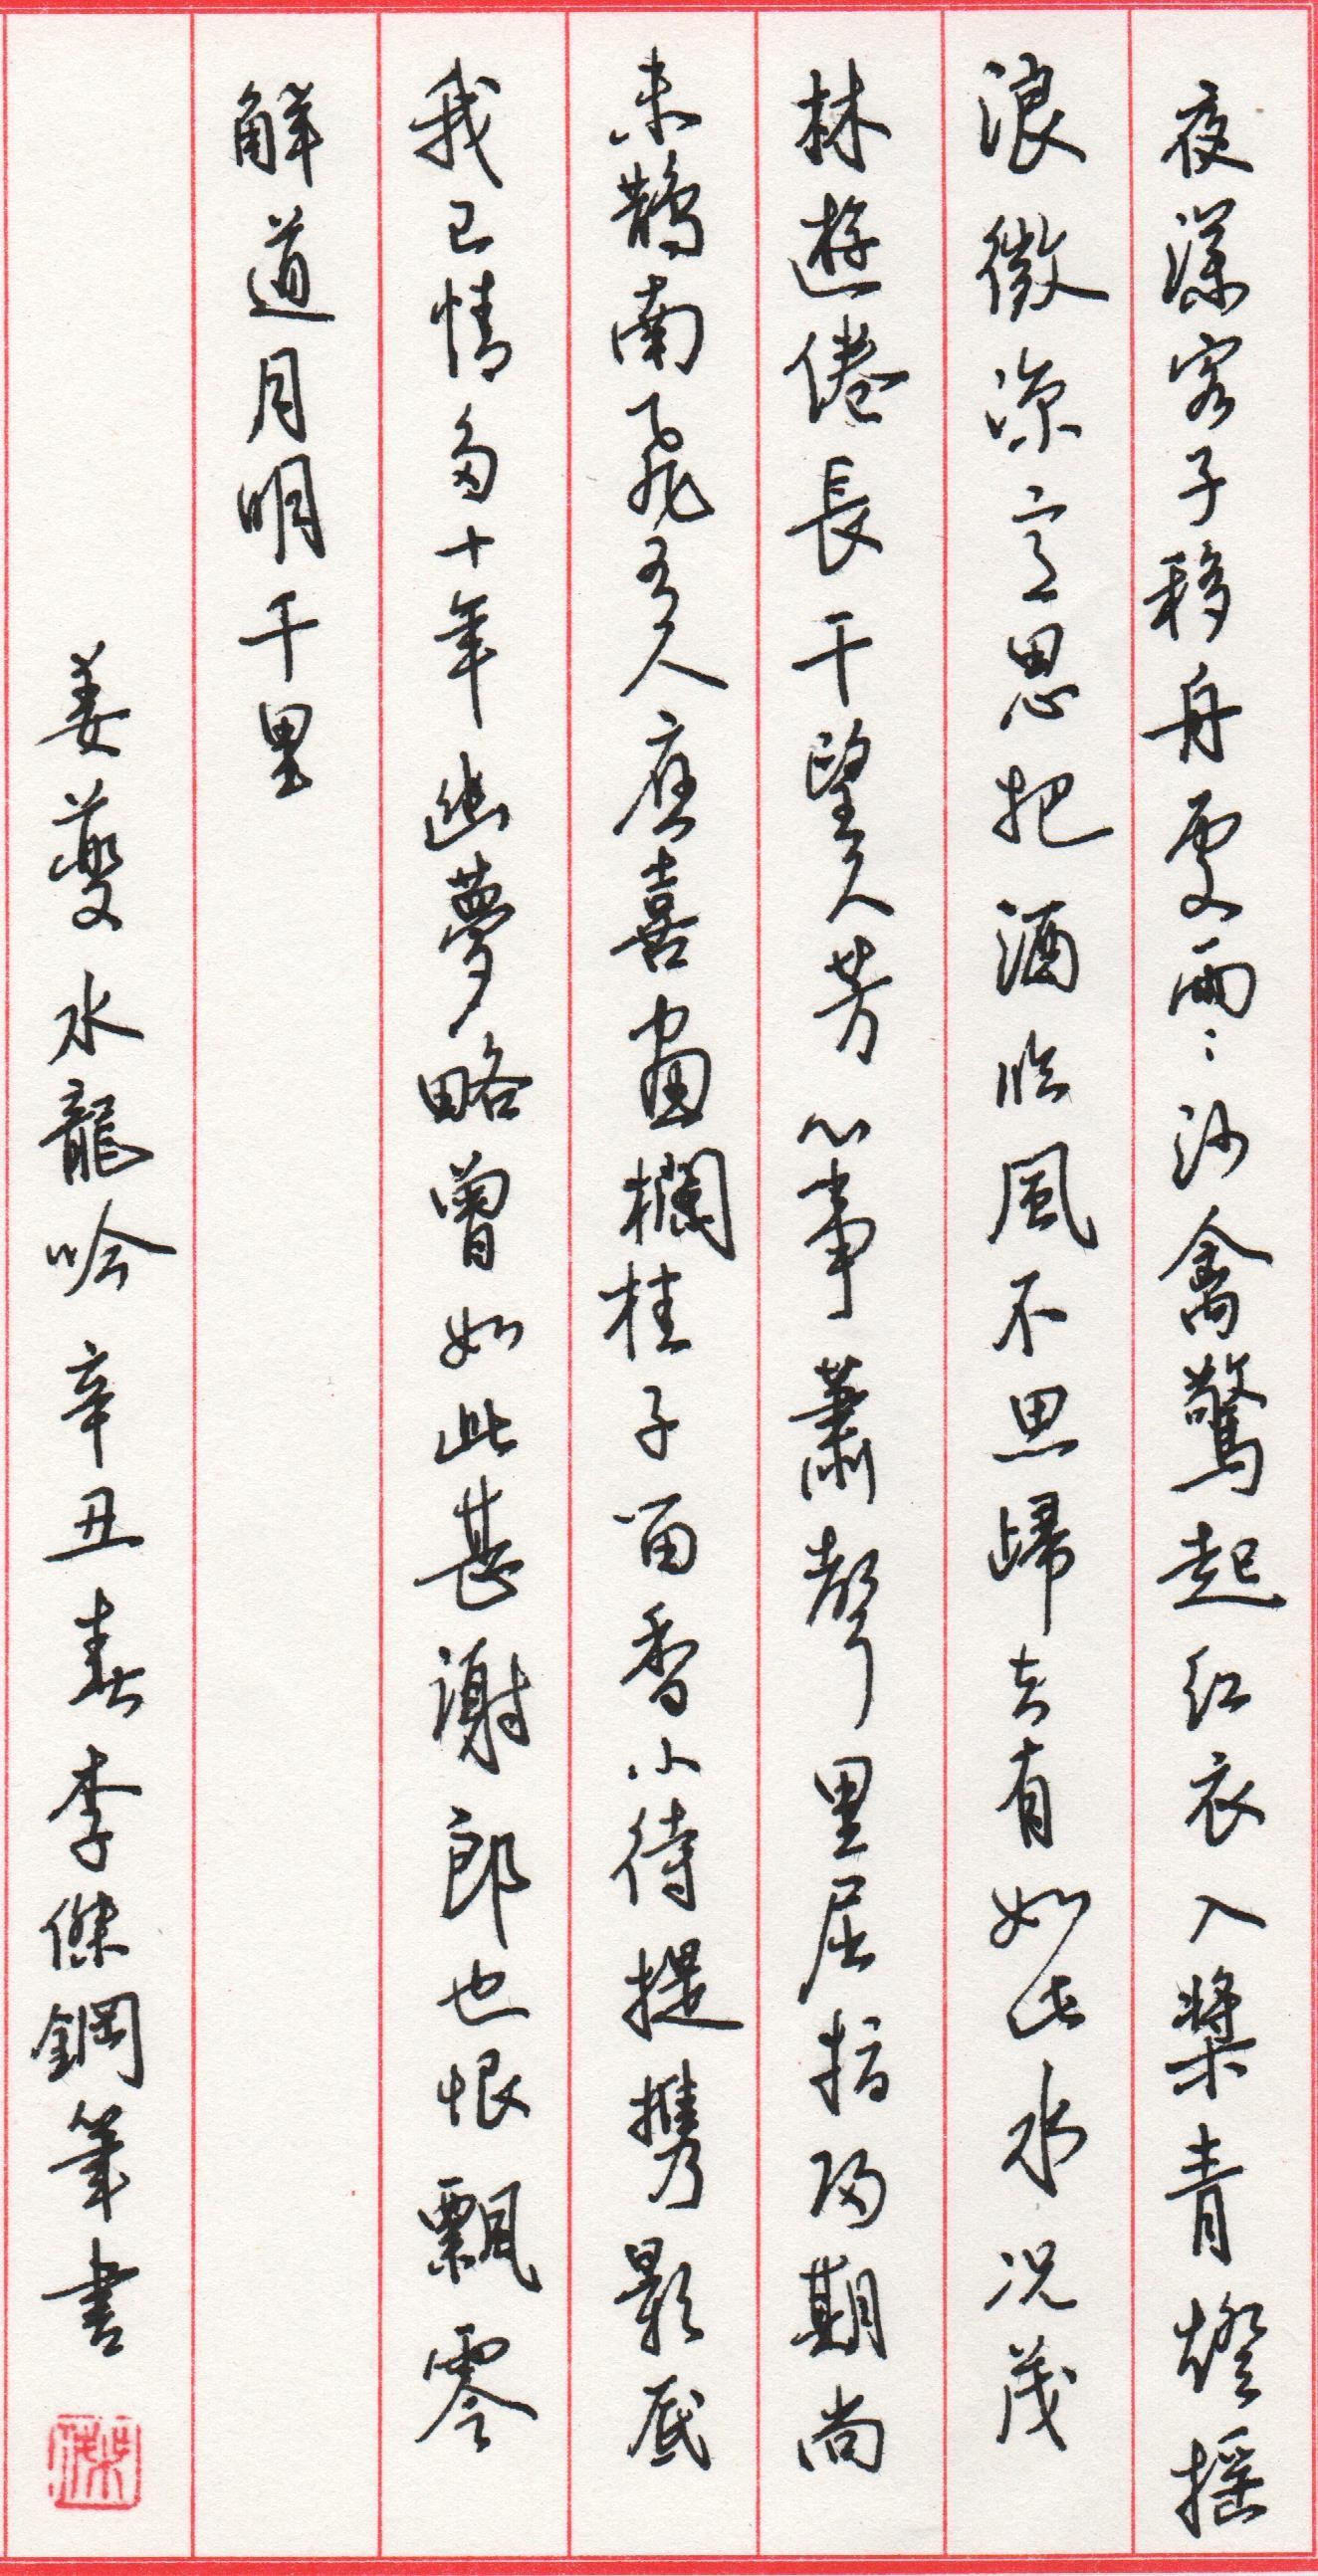 钢笔爱好者练字打卡20210309-05